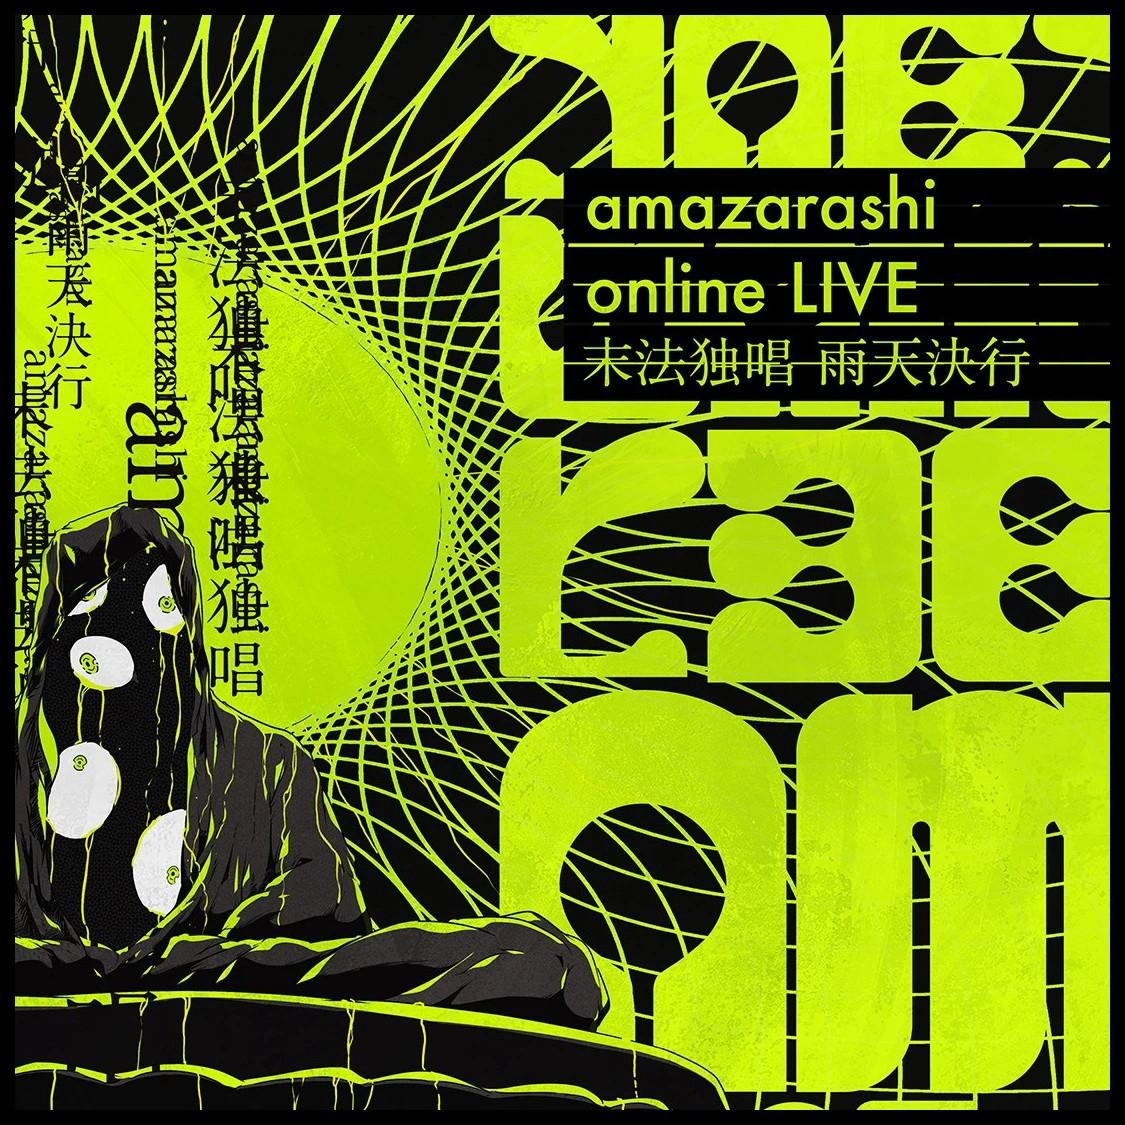 amazarashi – amazarashi Online Live 末法独唱 雨天決行 [MPEG2 / WEB] [2020.12.20]